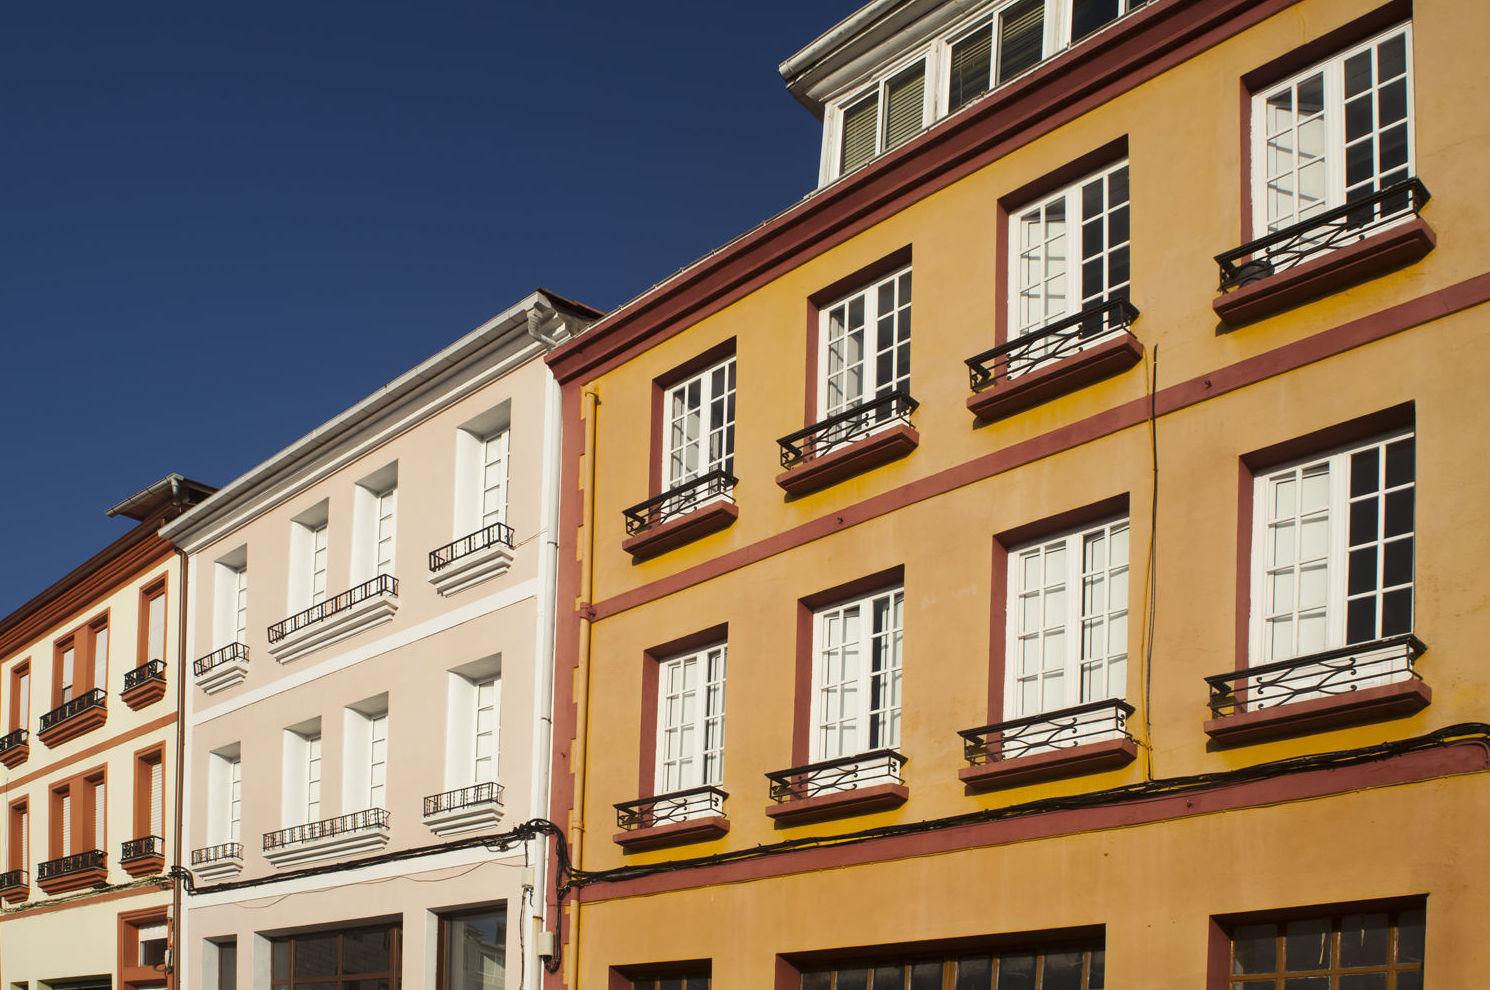 Pintores de fachadas en Barcelona